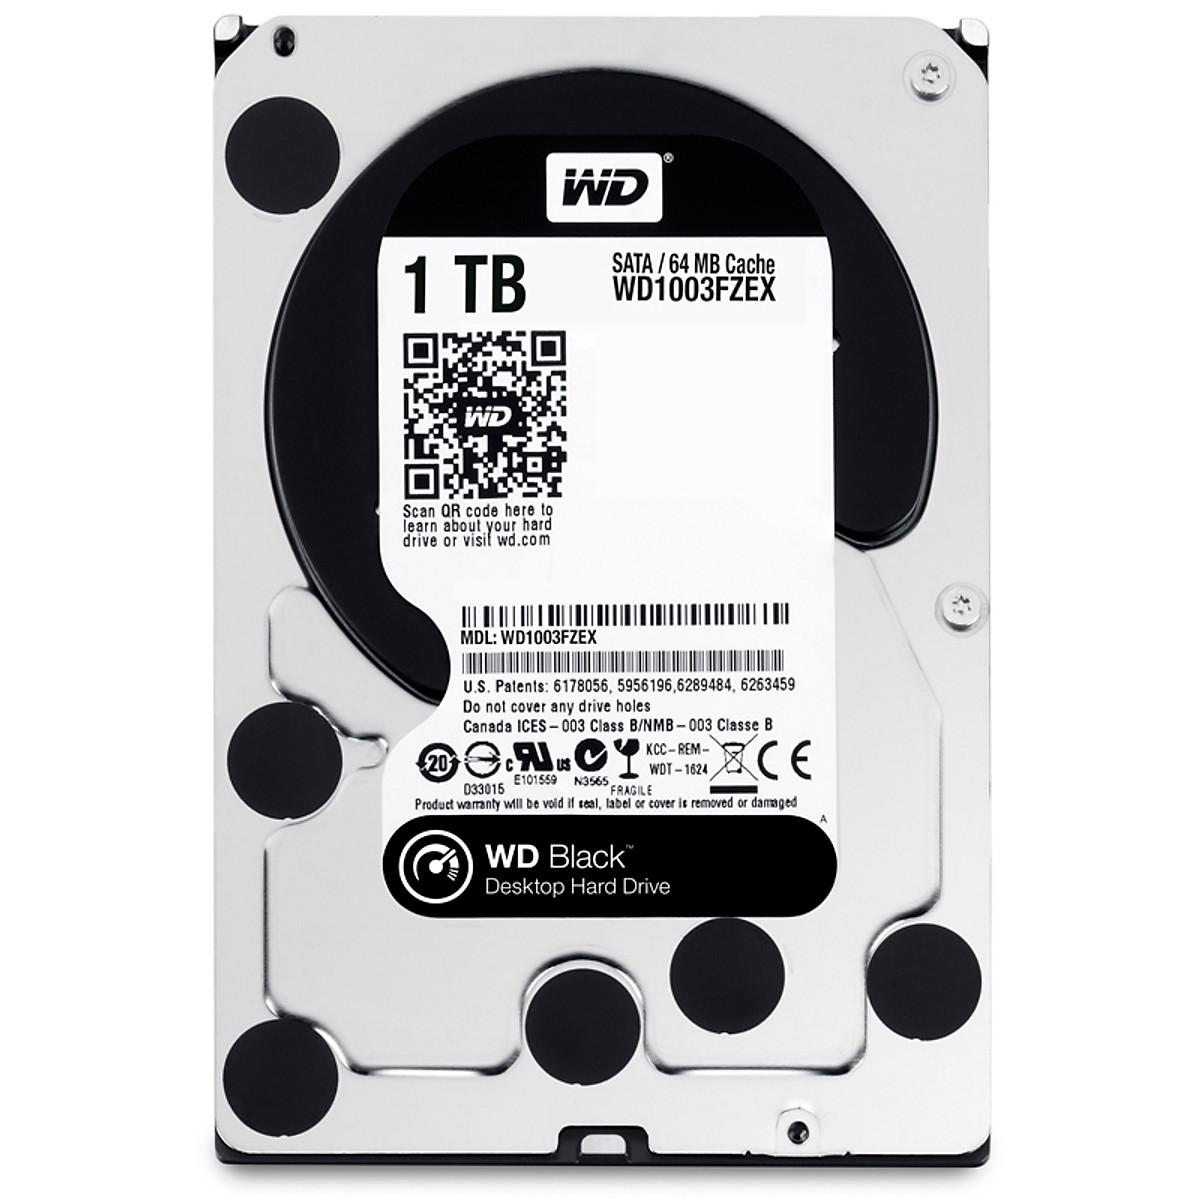 Ổ Cứng HDD WD Black™ 1TB/64MB/7200rpm/3.5 – WD1003FZEX – Hàng chính hãng